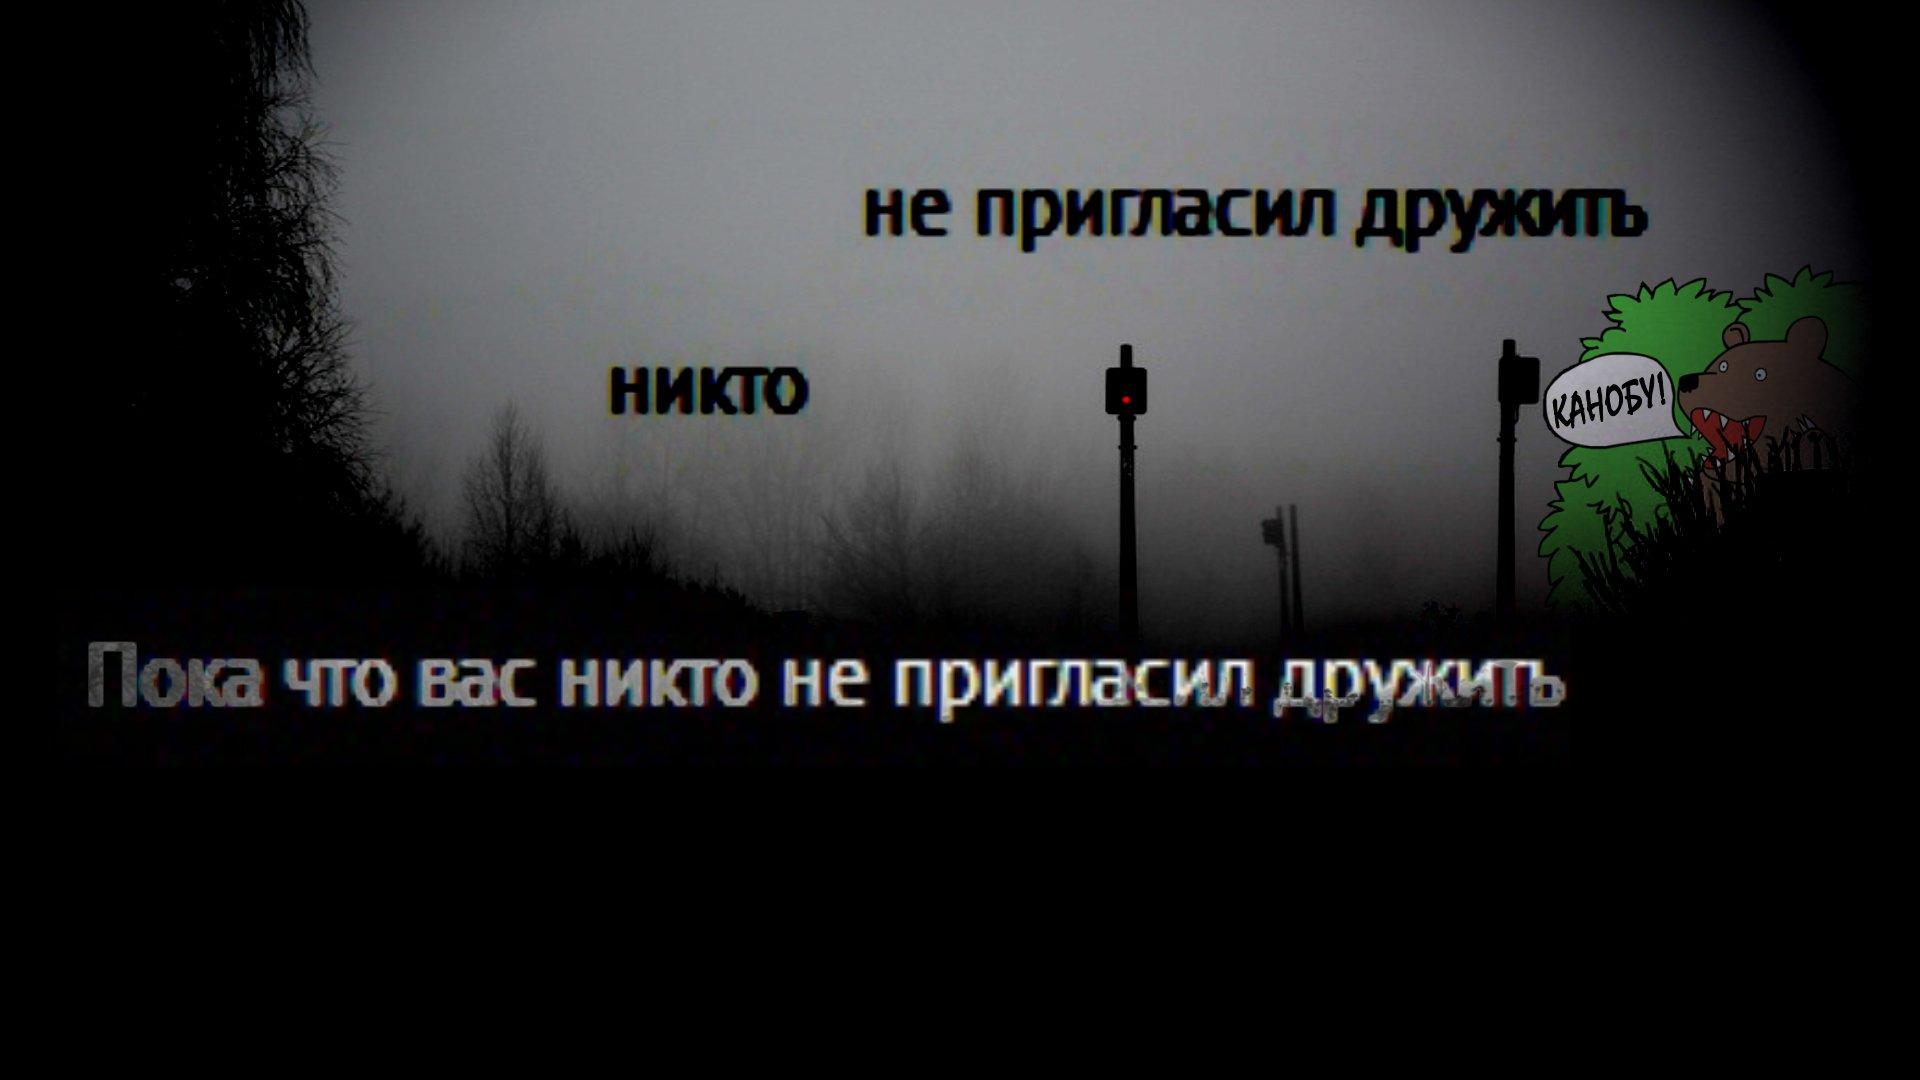 """При нажатии на вкладку """"Друзья"""" в """"Колоколе"""" канобача, появляется надпись """"Пока что вас никто не пригласил дружить ... - Изображение 1"""